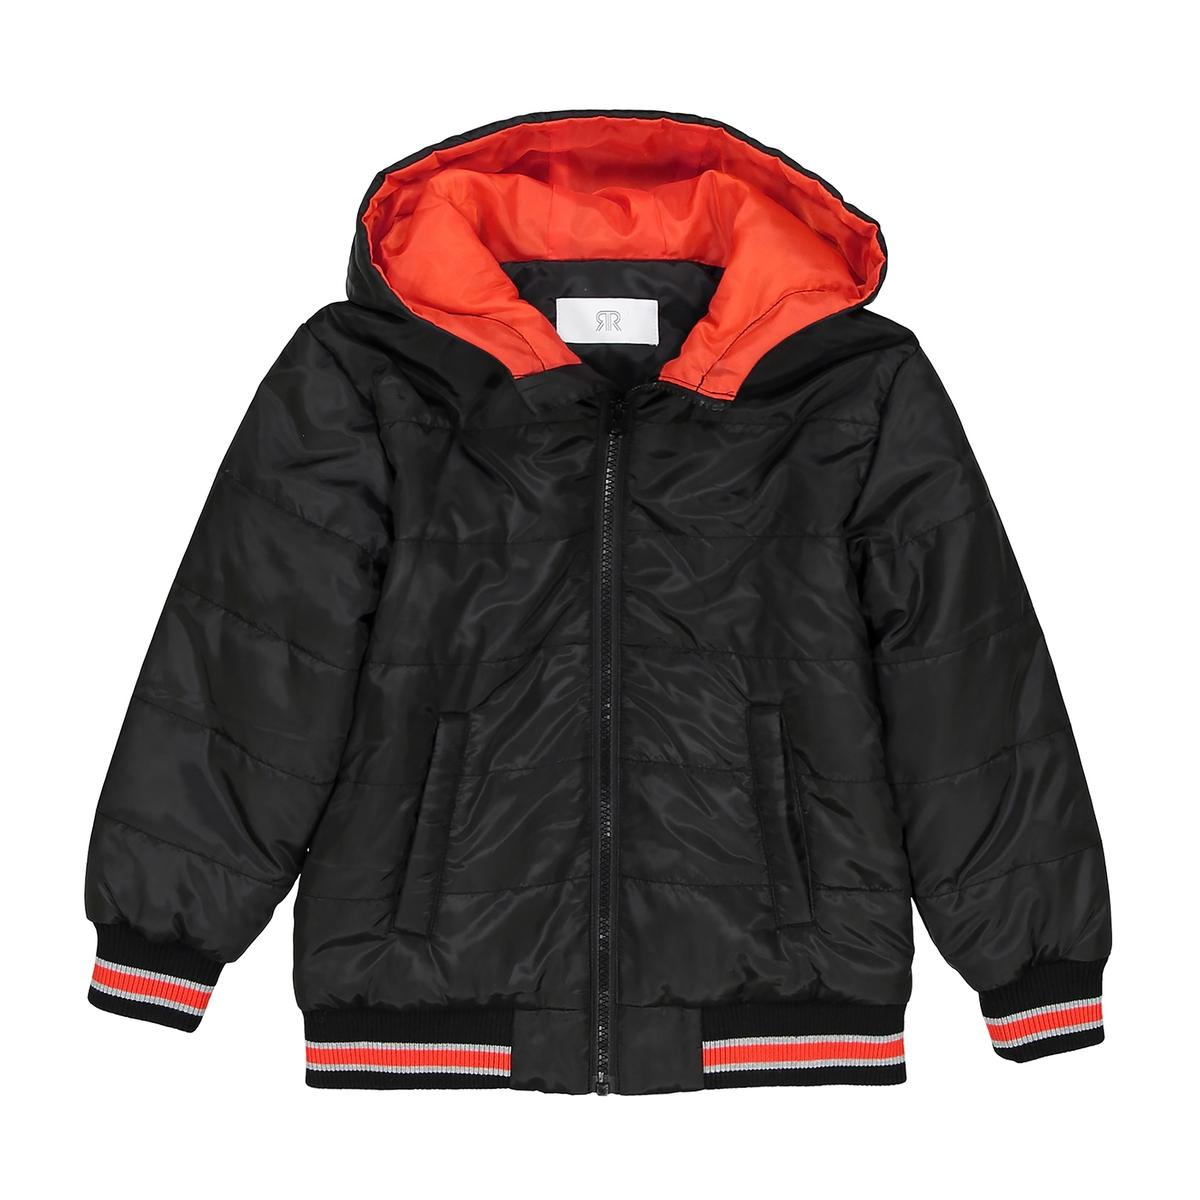 Куртка легкая с капюшоном 3-12 летОписание:Детали •  Демисезонная модель •  Непромокаемая •  Застежка на молнию •  С капюшоном •  Длина : средняяСостав и уход •  100% полиамид •  Подкладка  : 100% полиэстер •  Наполнитель : 100% полиэстер •  Температура стирки 30° •  Сухая чистка и отбеливание запрещены •  Не использовать барабанную сушку •  Не гладить<br><br>Цвет: красный,черный<br>Размер: 10 лет - 138 см.4 года - 102 см.5 лет - 108 см.4 года - 102 см.10 лет - 138 см.5 лет - 108 см.3 года - 94 см.8 лет - 126 см.3 года - 94 см.8 лет - 126 см.12 лет -150 см.6 лет - 114 см.12 лет -150 см.6 лет - 114 см